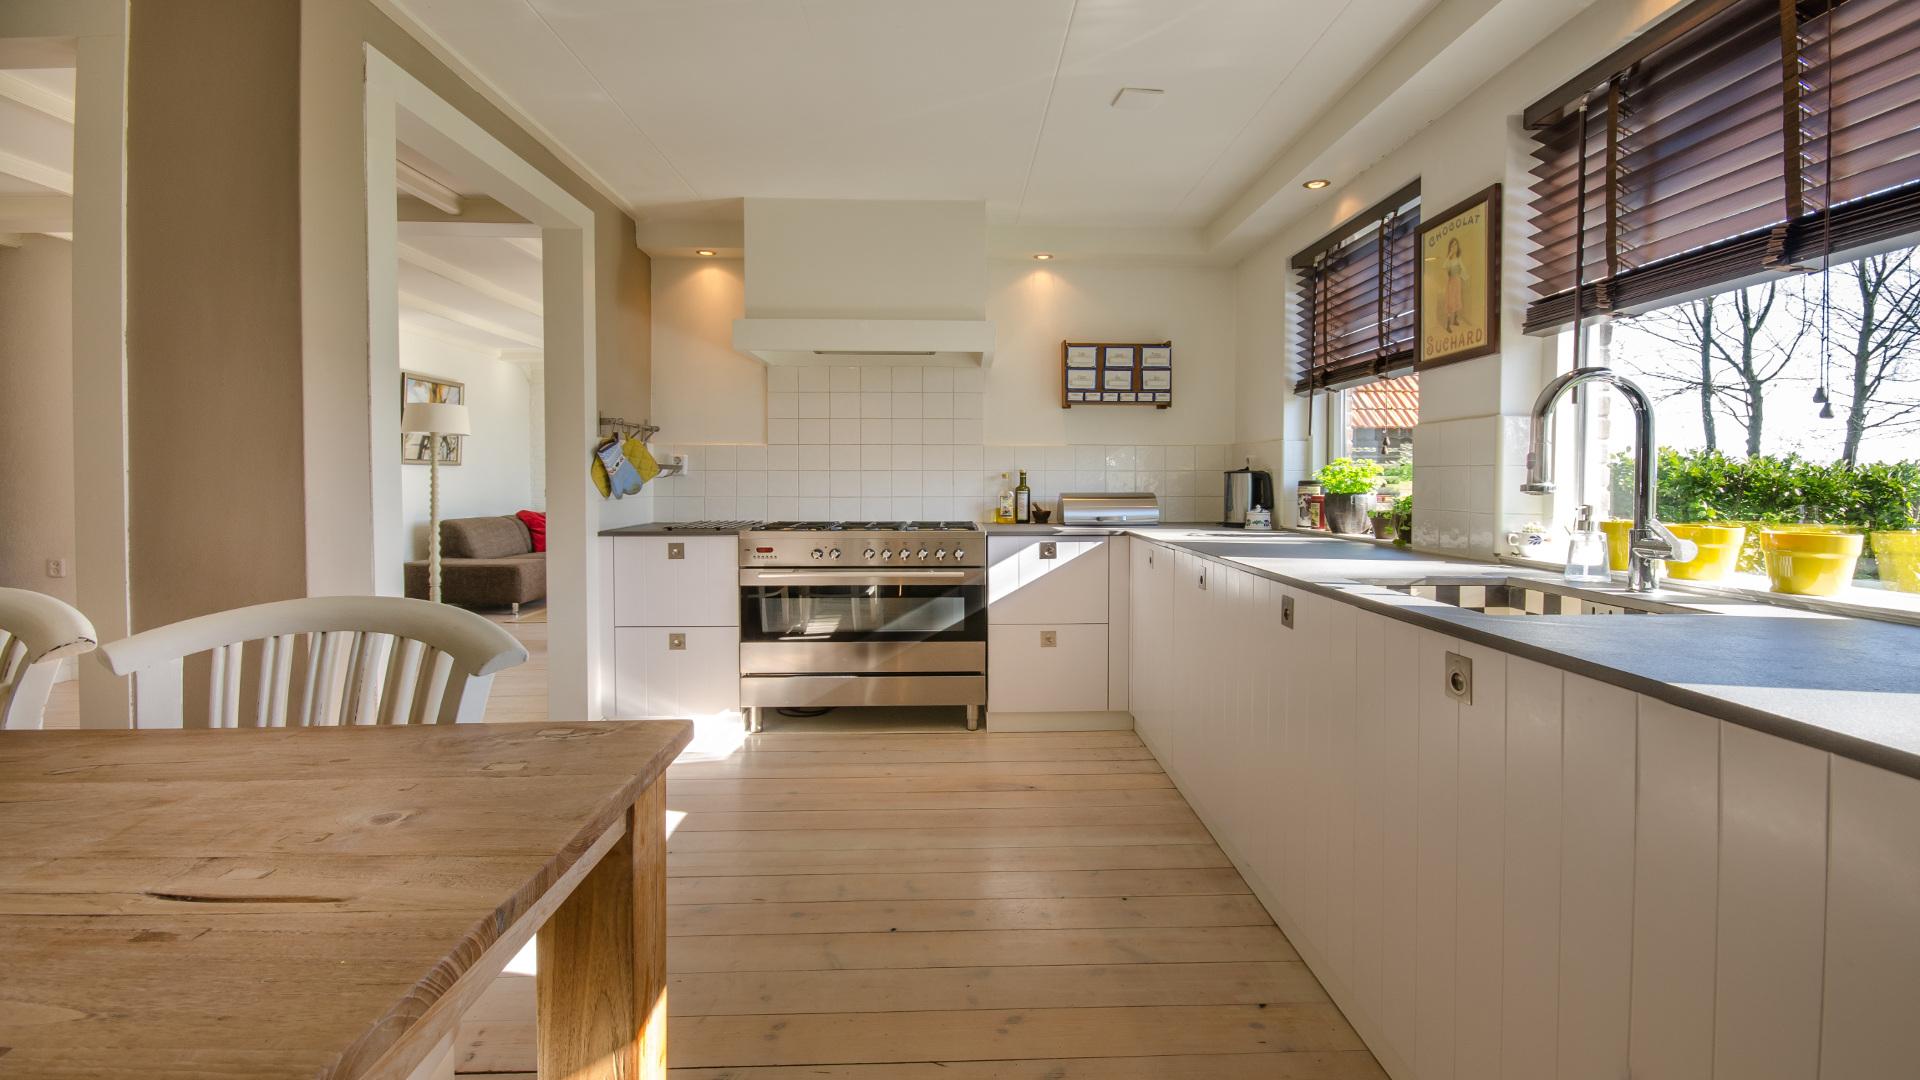 La cocina ideal tiene que ser amplia practica y luminosa 1920